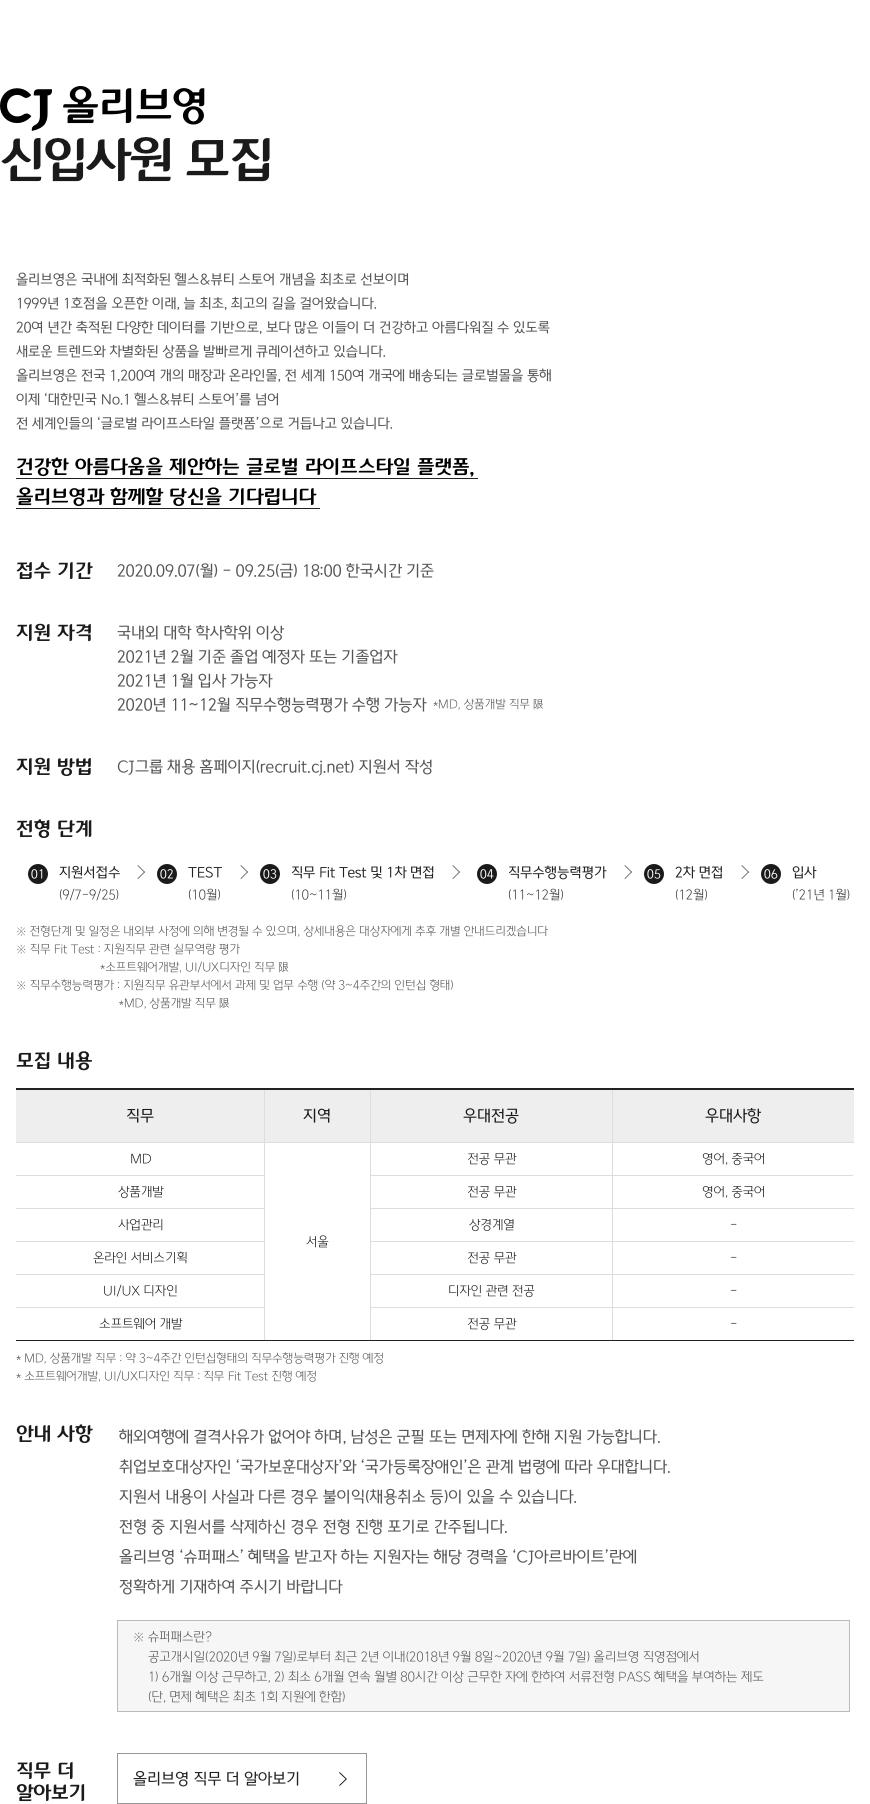 CJ 올리브영 신입사원 모집